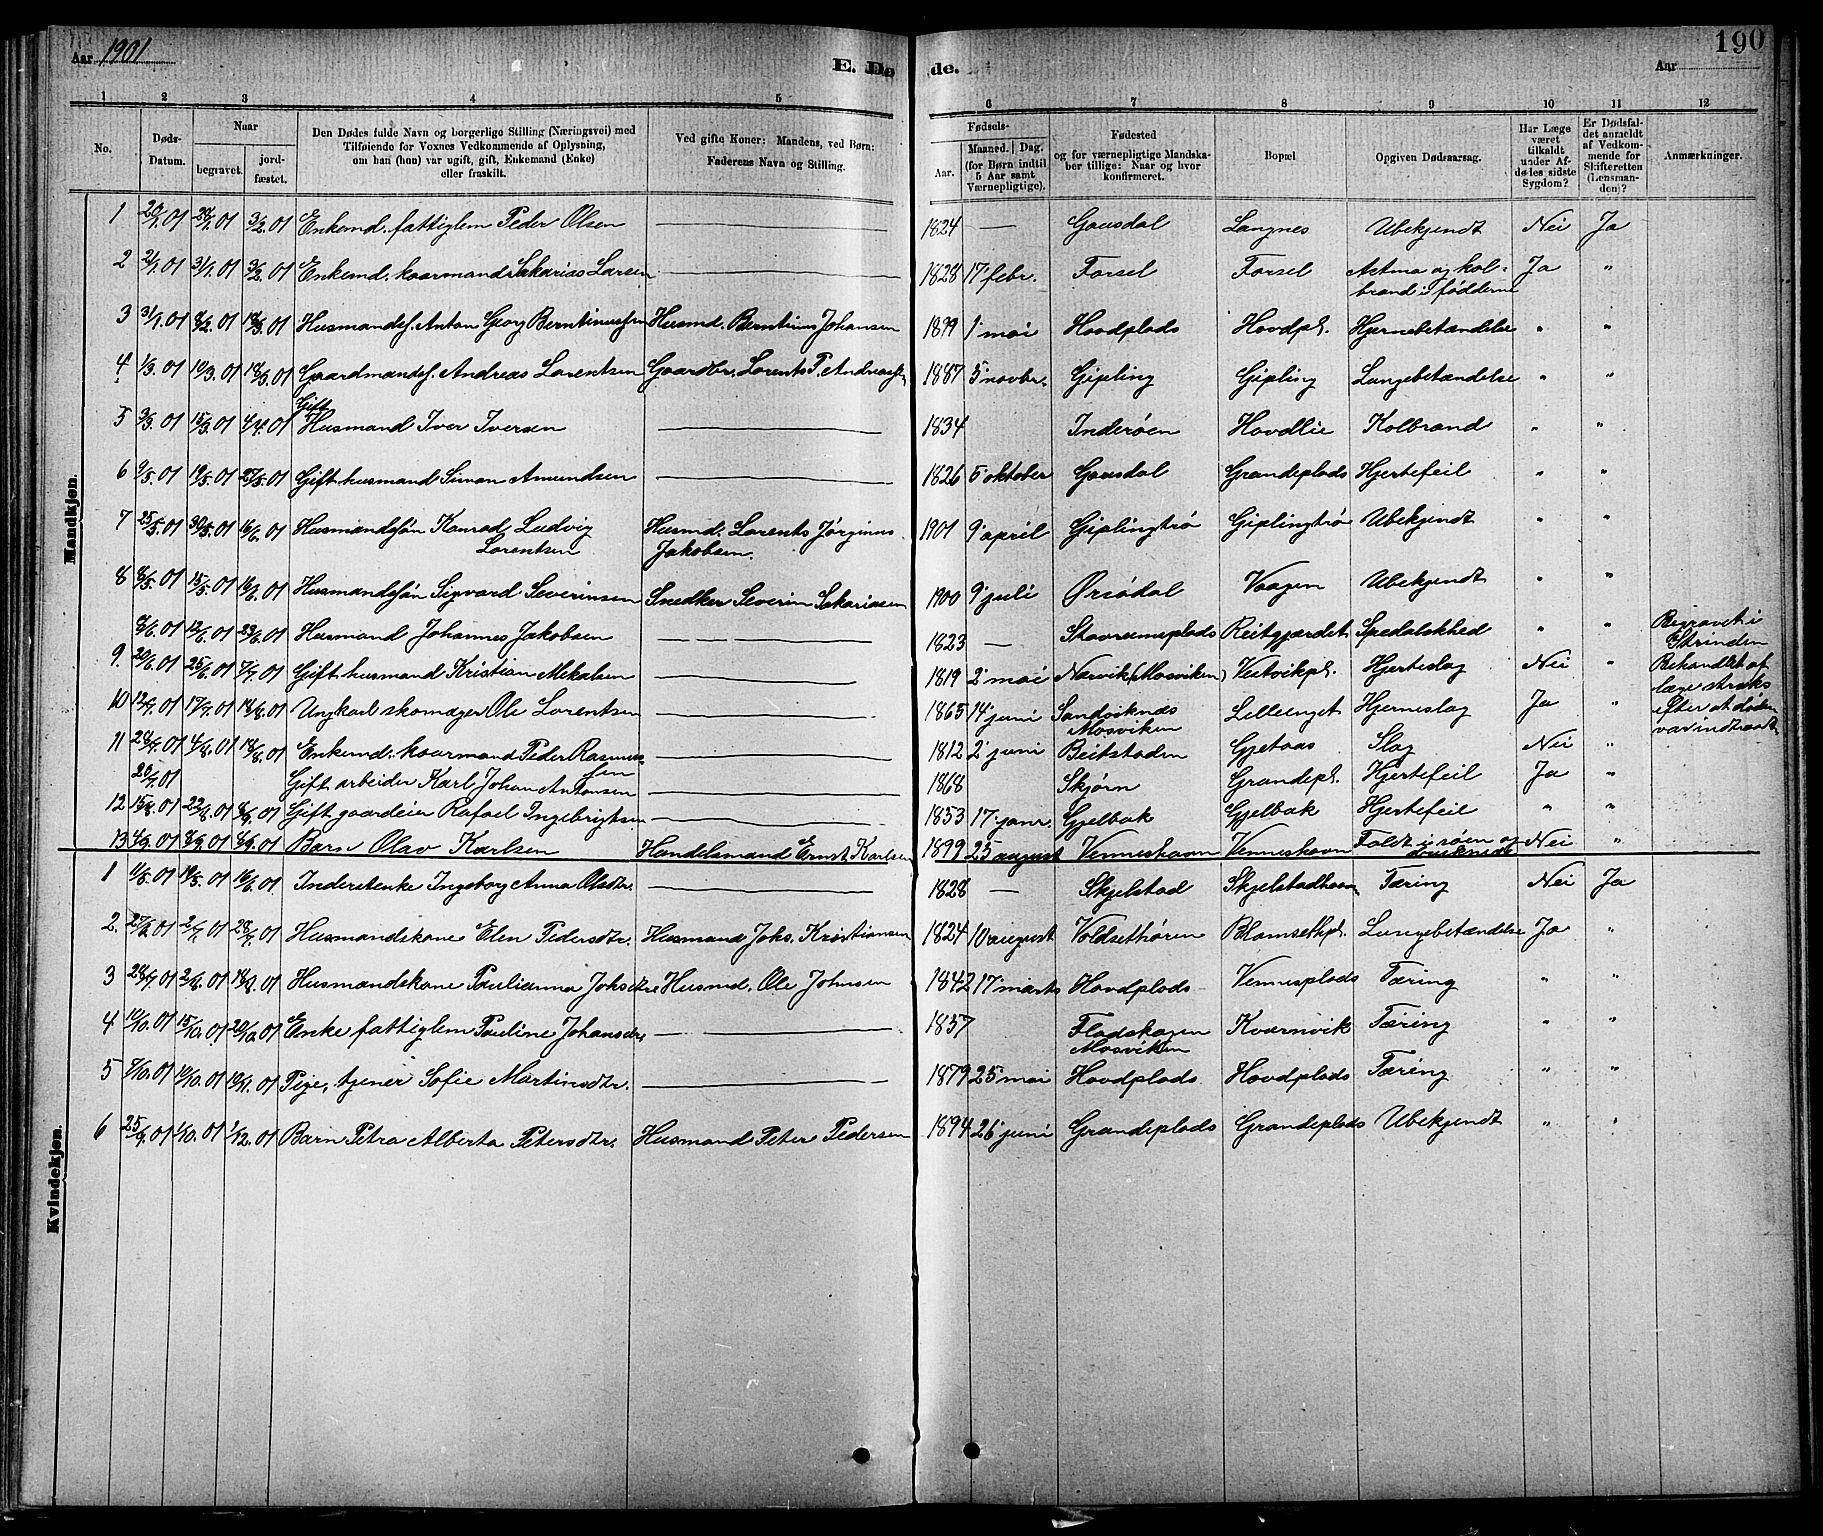 SAT, Ministerialprotokoller, klokkerbøker og fødselsregistre - Nord-Trøndelag, 744/L0423: Klokkerbok nr. 744C02, 1886-1905, s. 190